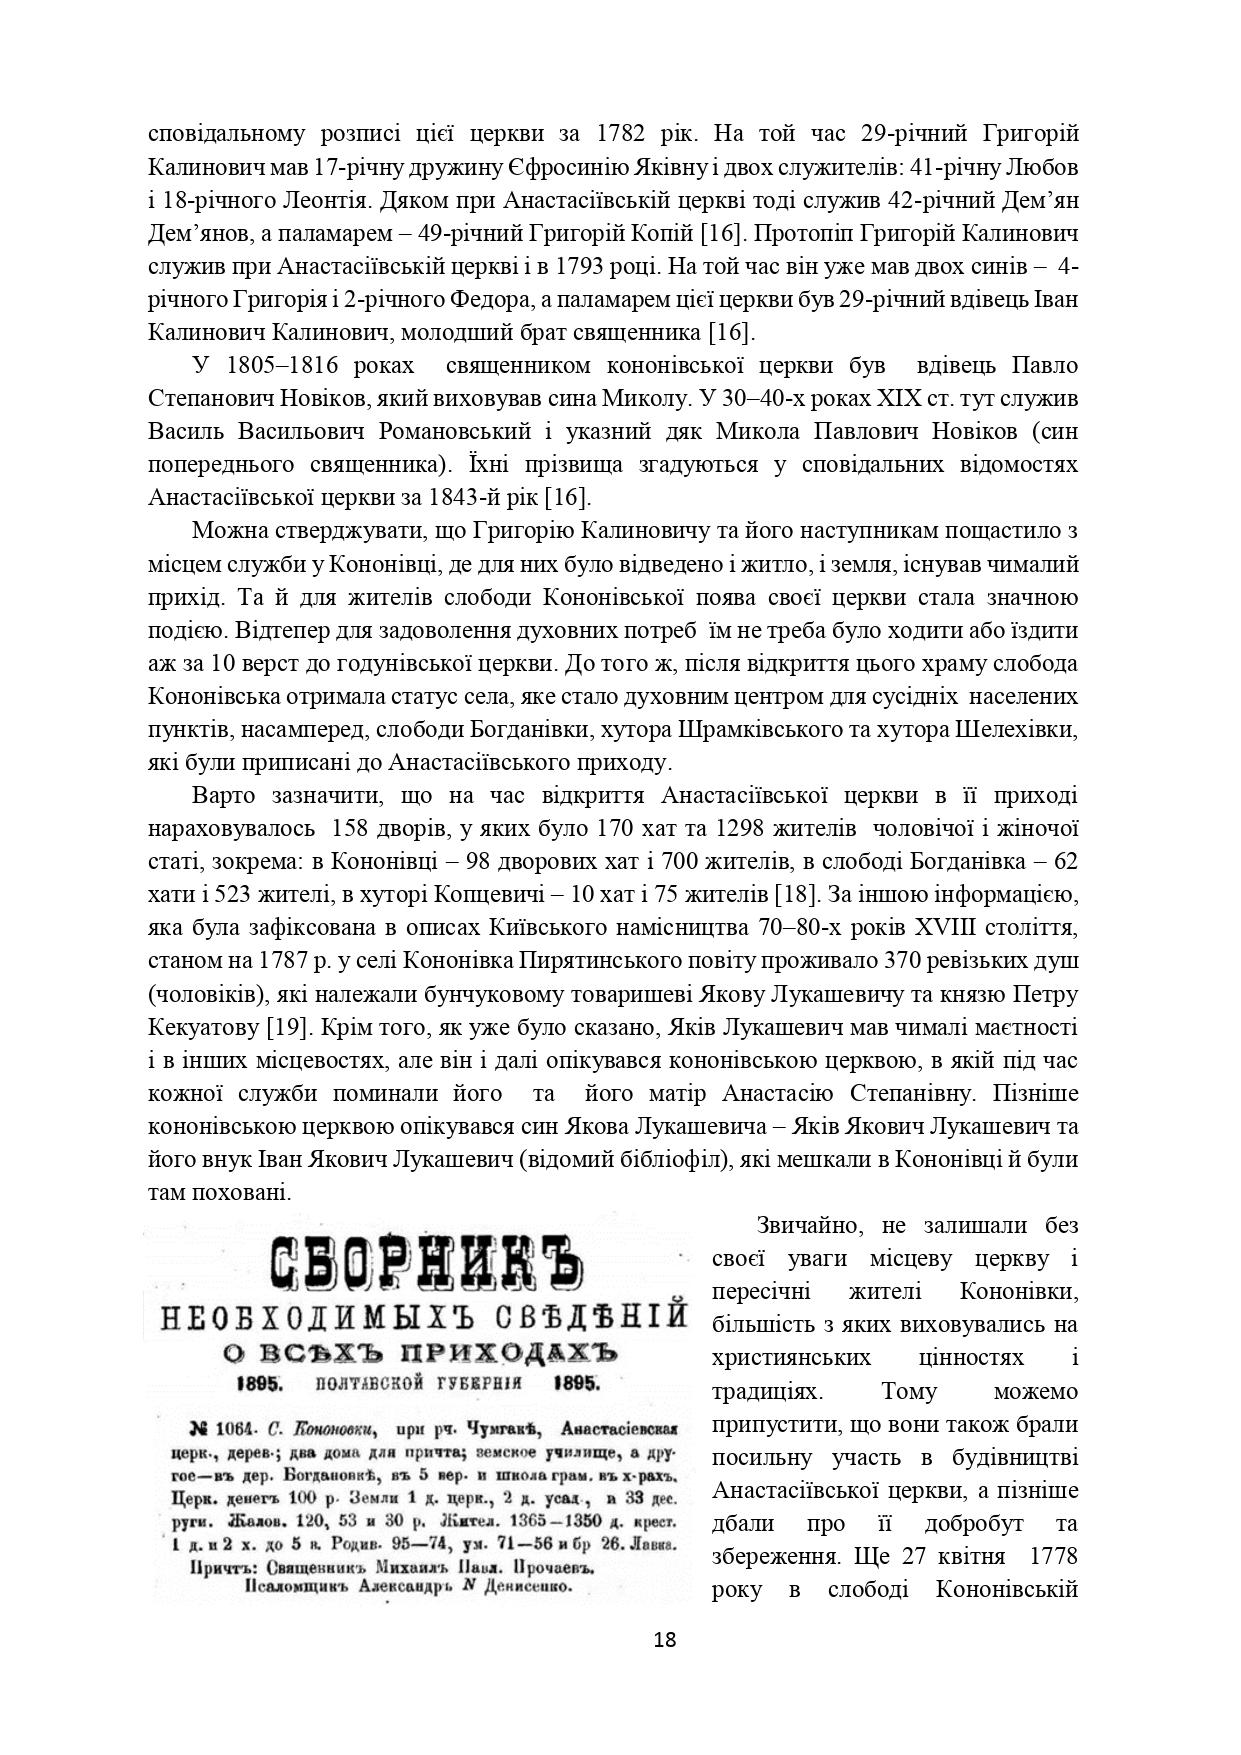 ІСТОРІЯ СЕЛА КОНОНІВКА 2021 (1)_page-0018